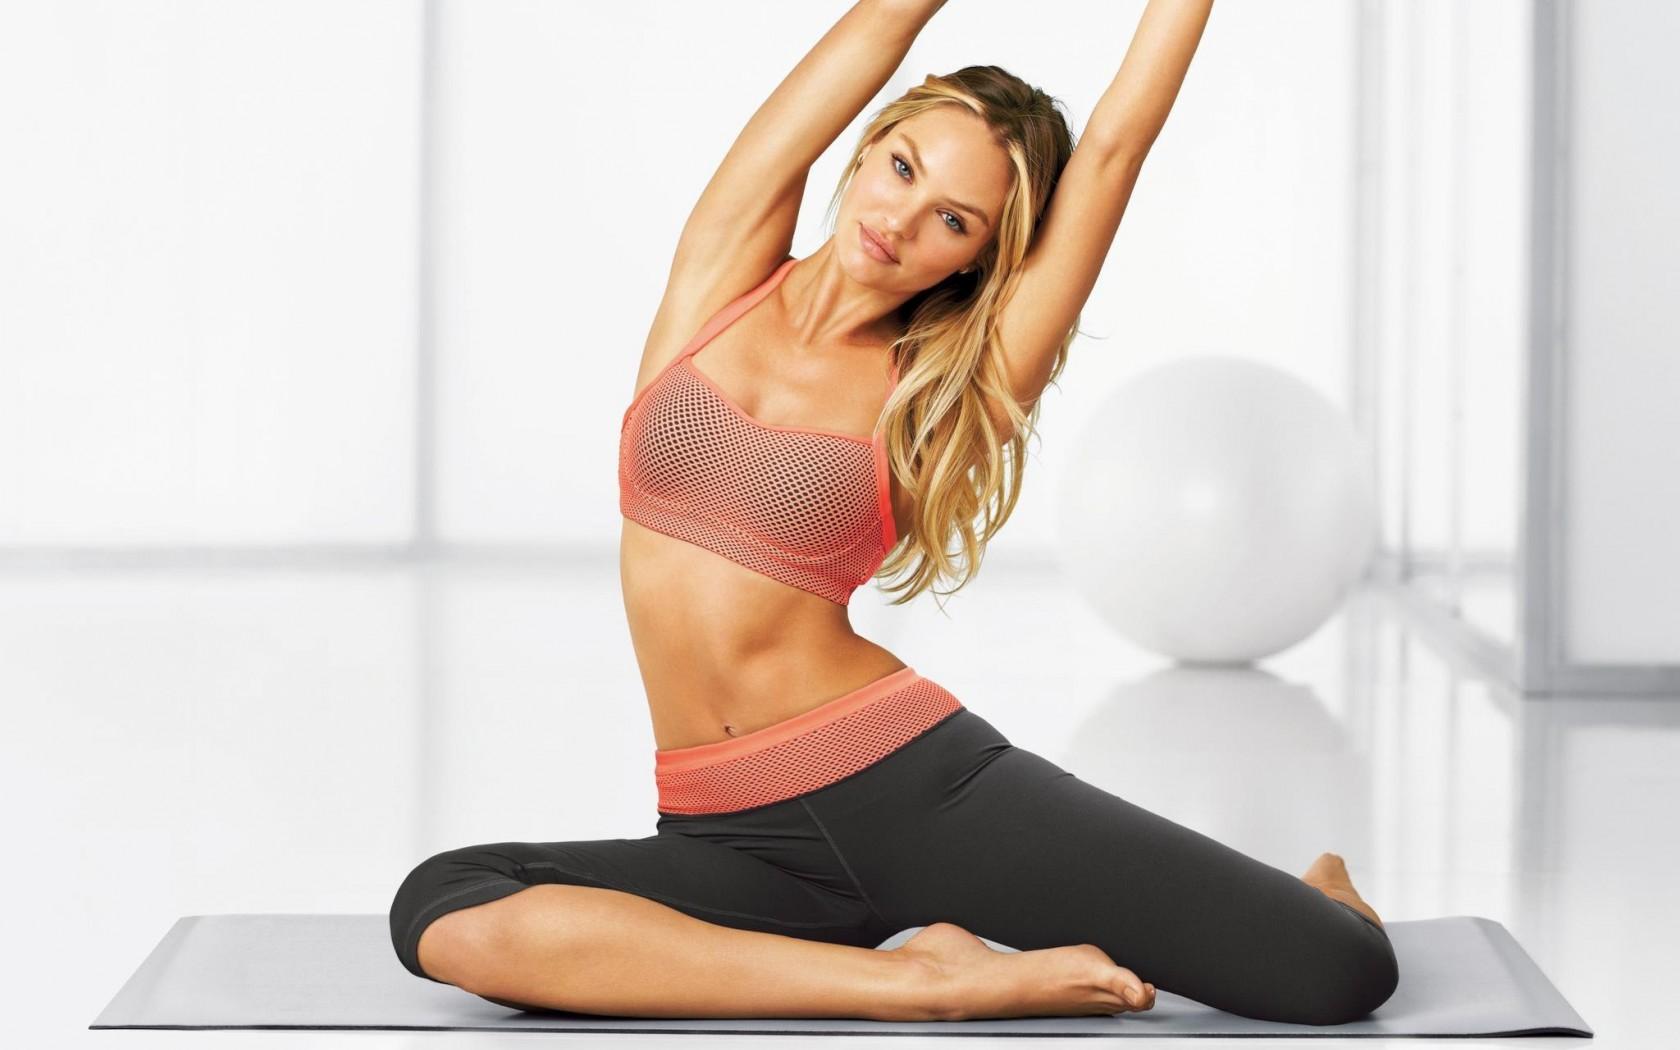 Лучшие упражнения для плоского живота в домашних условиях